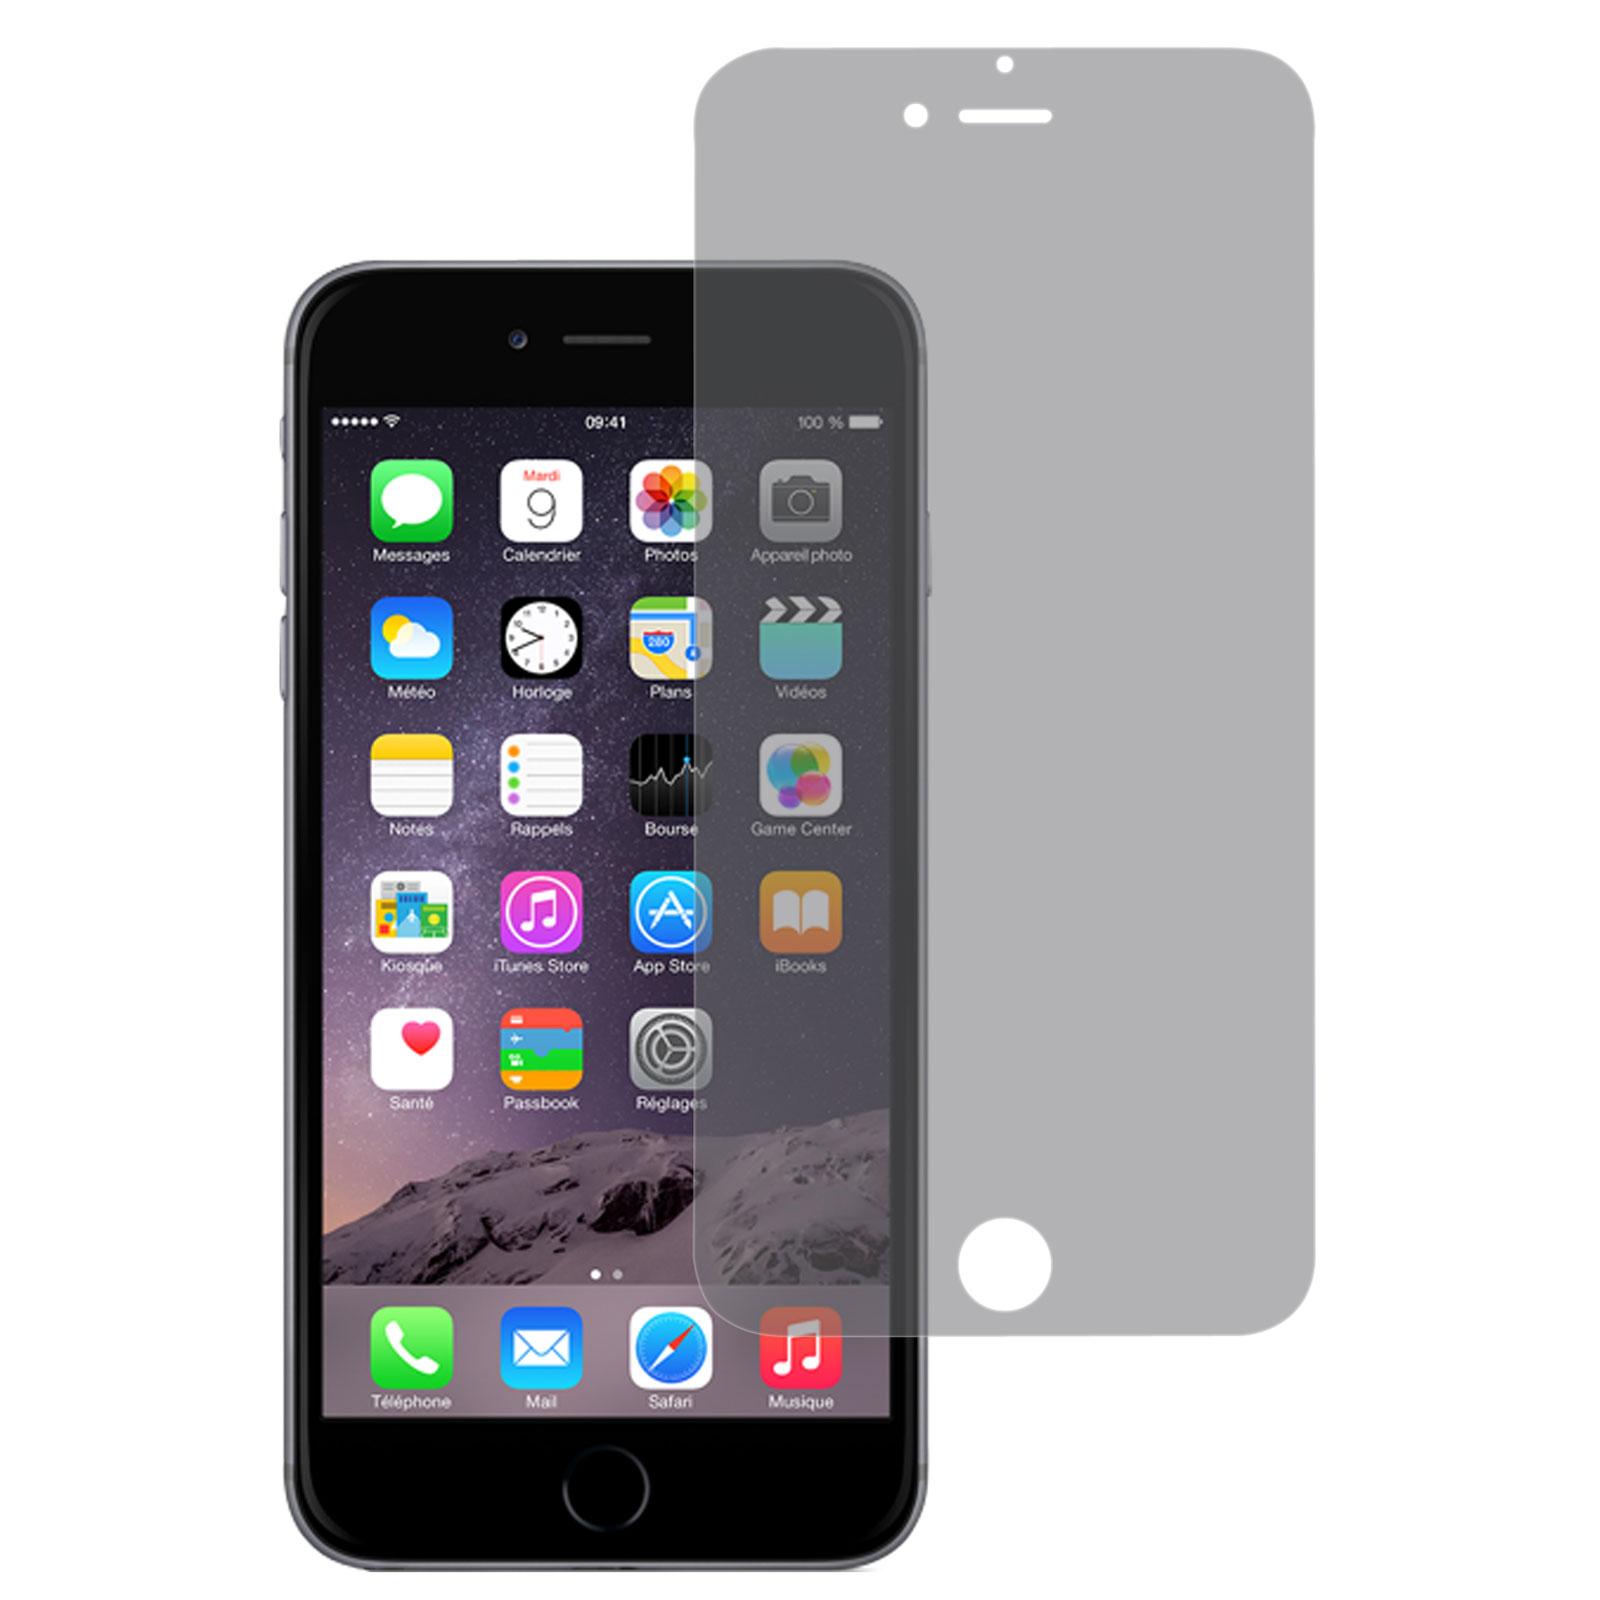 Film protecteur téléphone Swiss Charger SCP50211 Films protège écran Apple iPhone 6  Films de protection anti-rayures pour iPhone 6